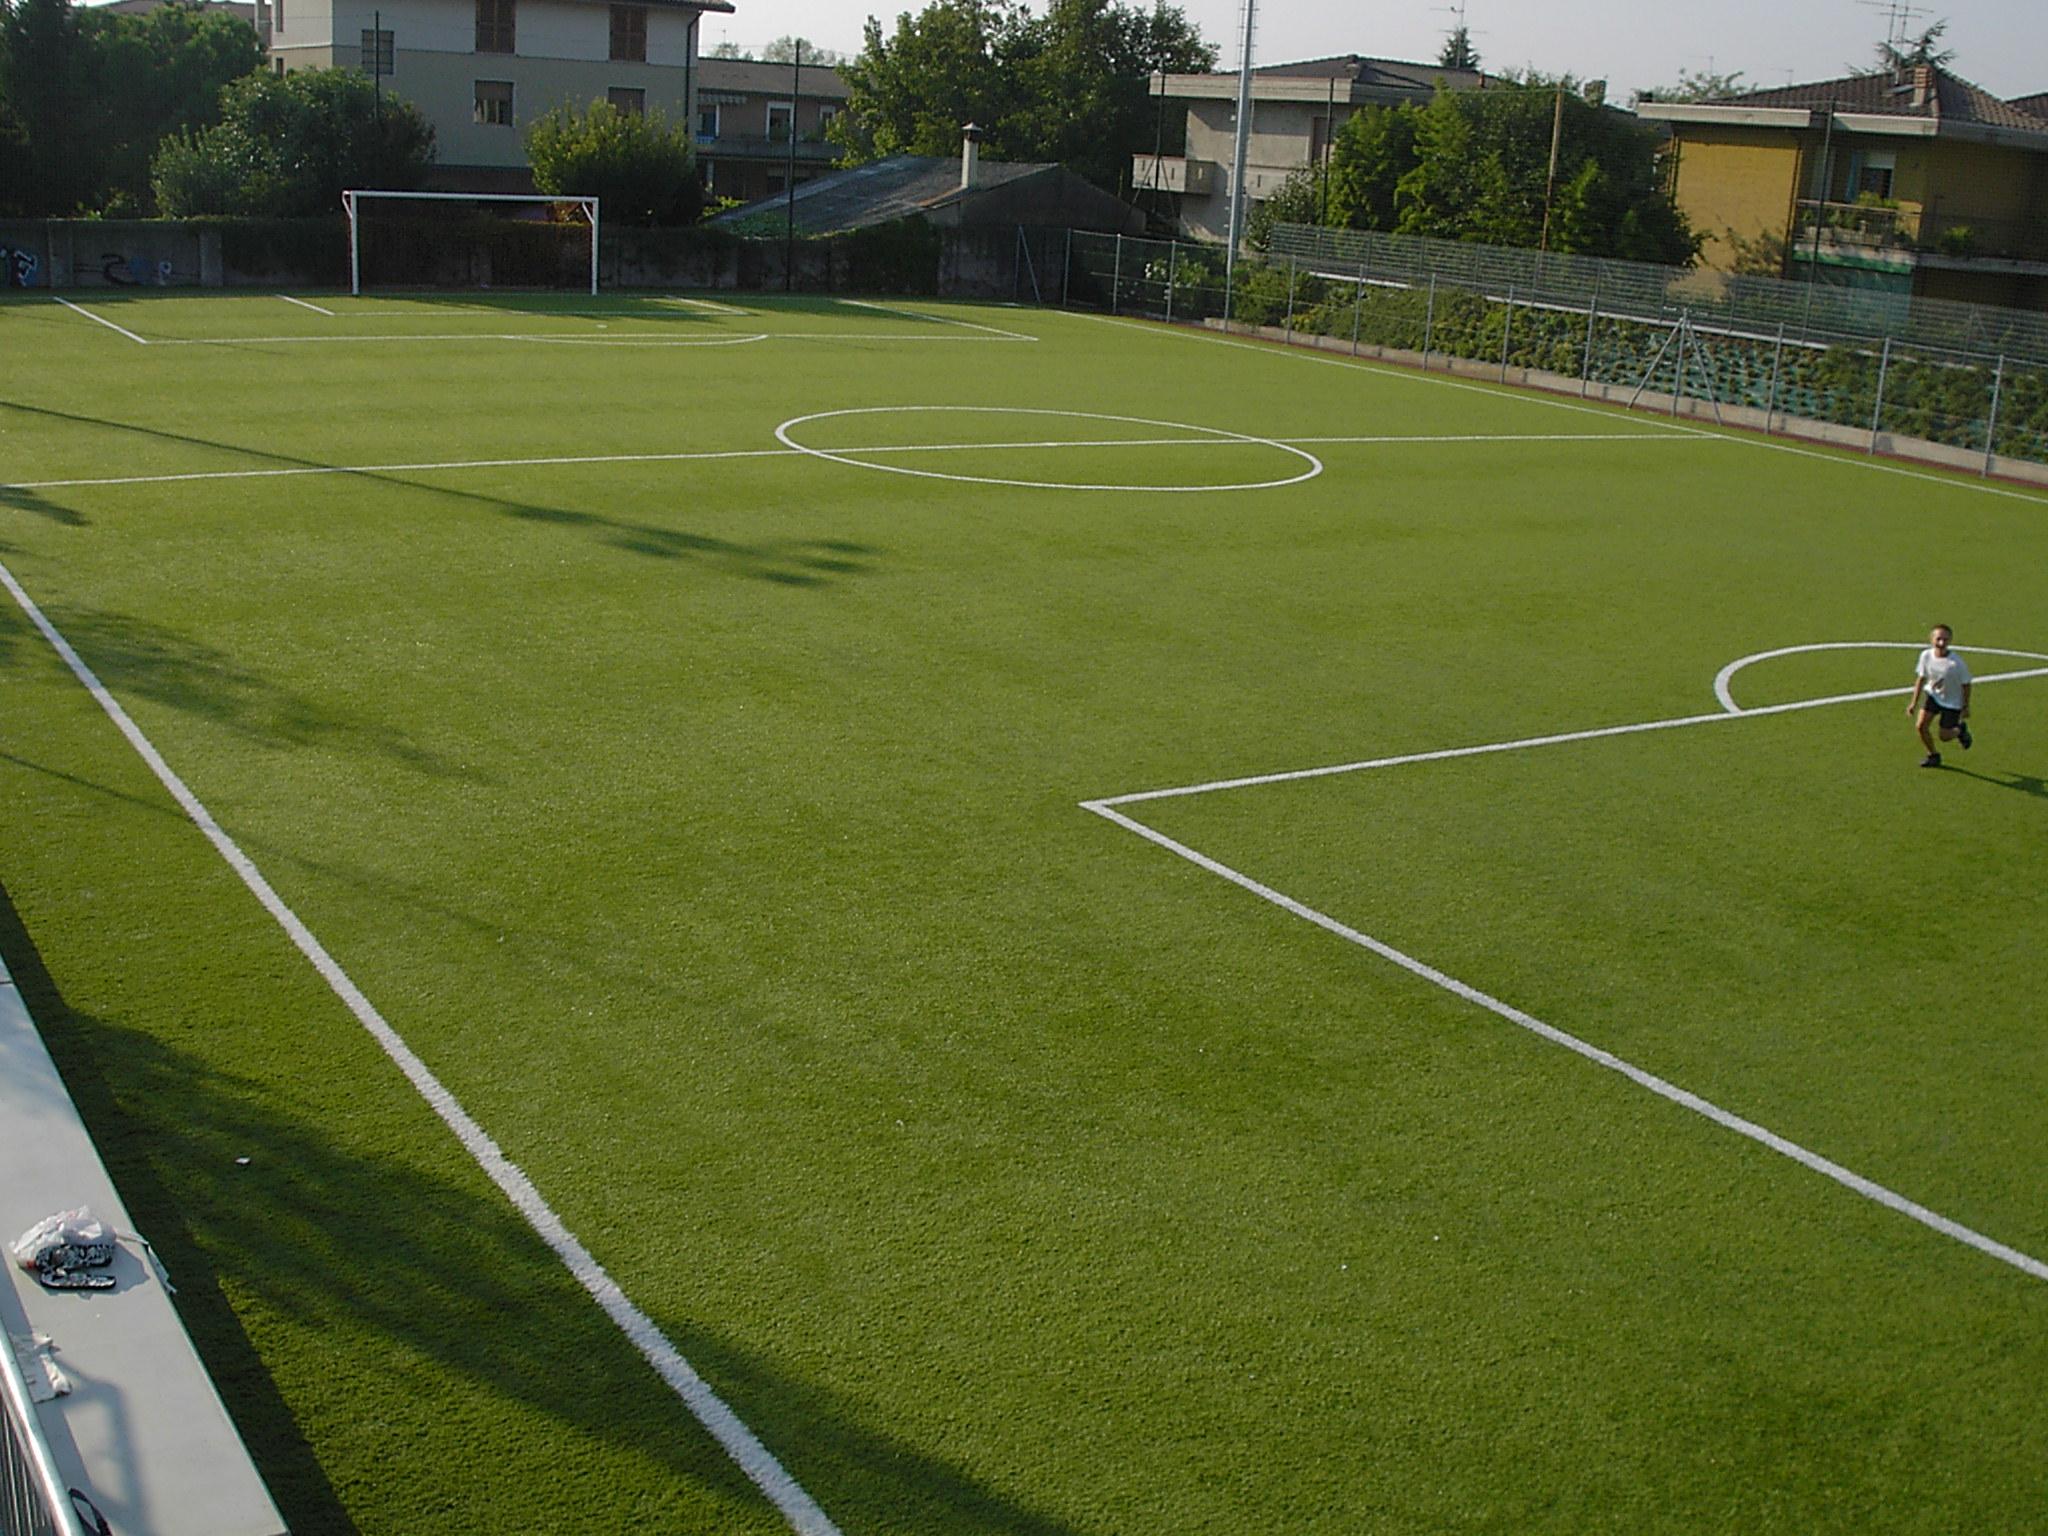 Calciomercato: in esclusiva per cittapaese.it  le ultime sulle squadre viterbesi di prima, seconda e terza categoria